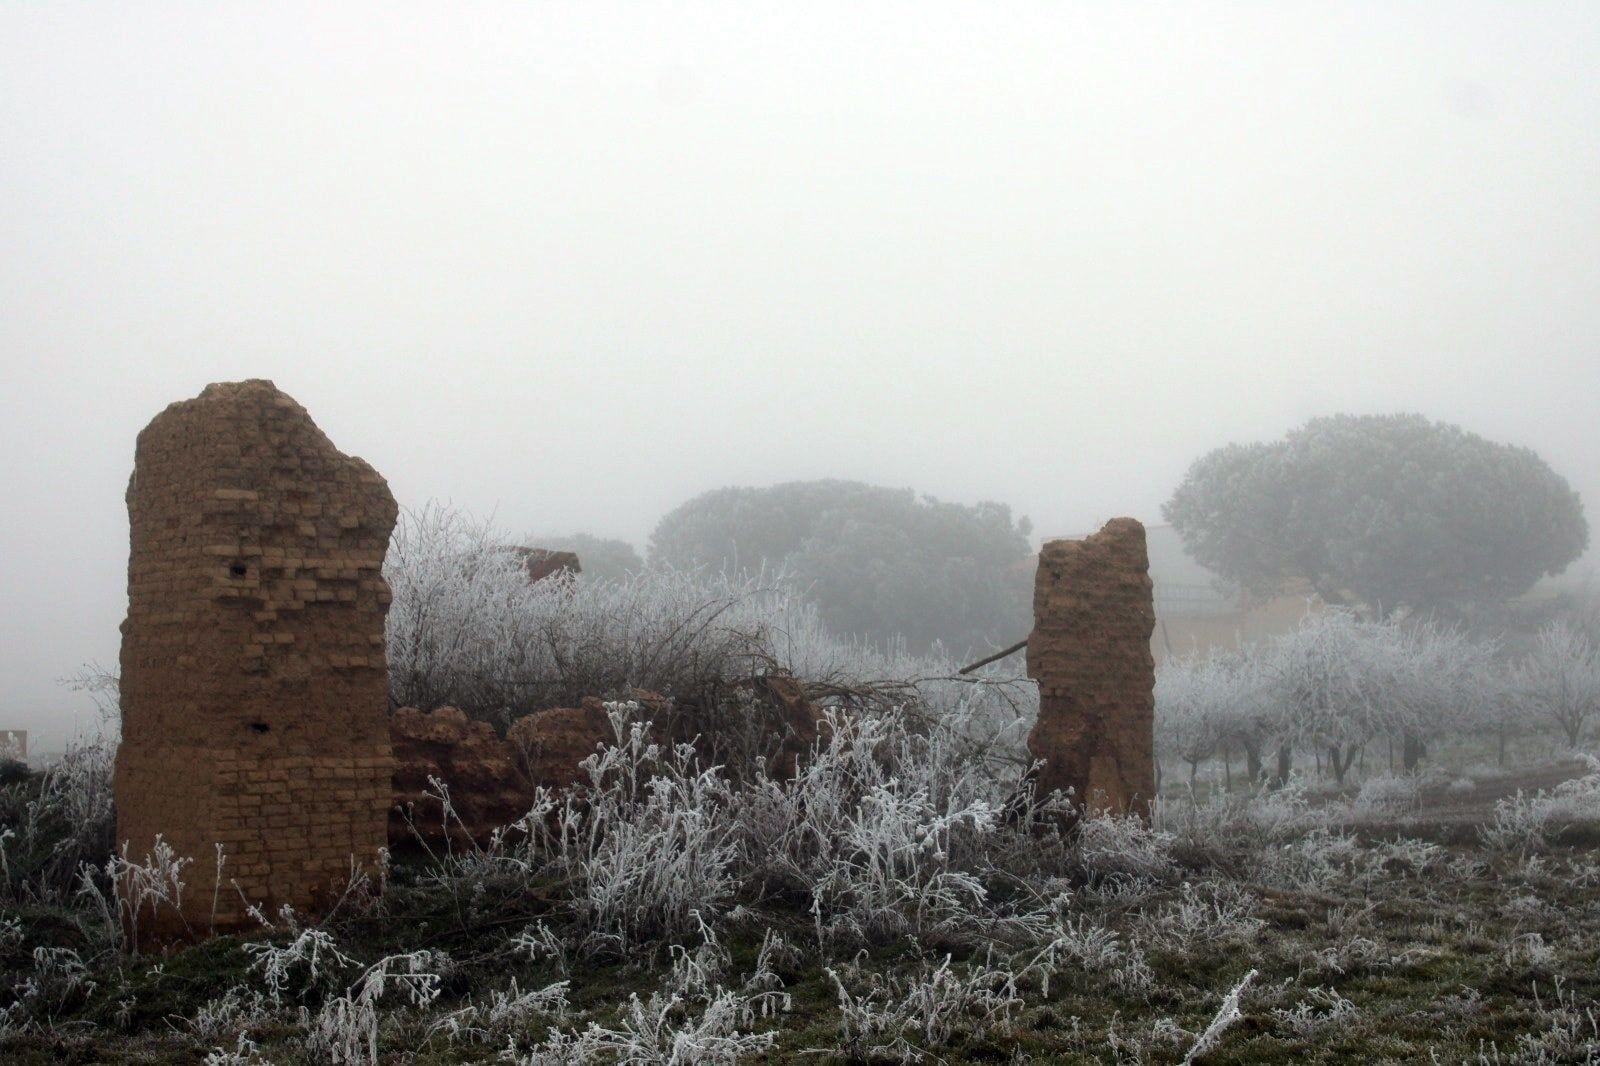 Cencellada en Benavente | Villaveza del Agua, más blanca que nunca